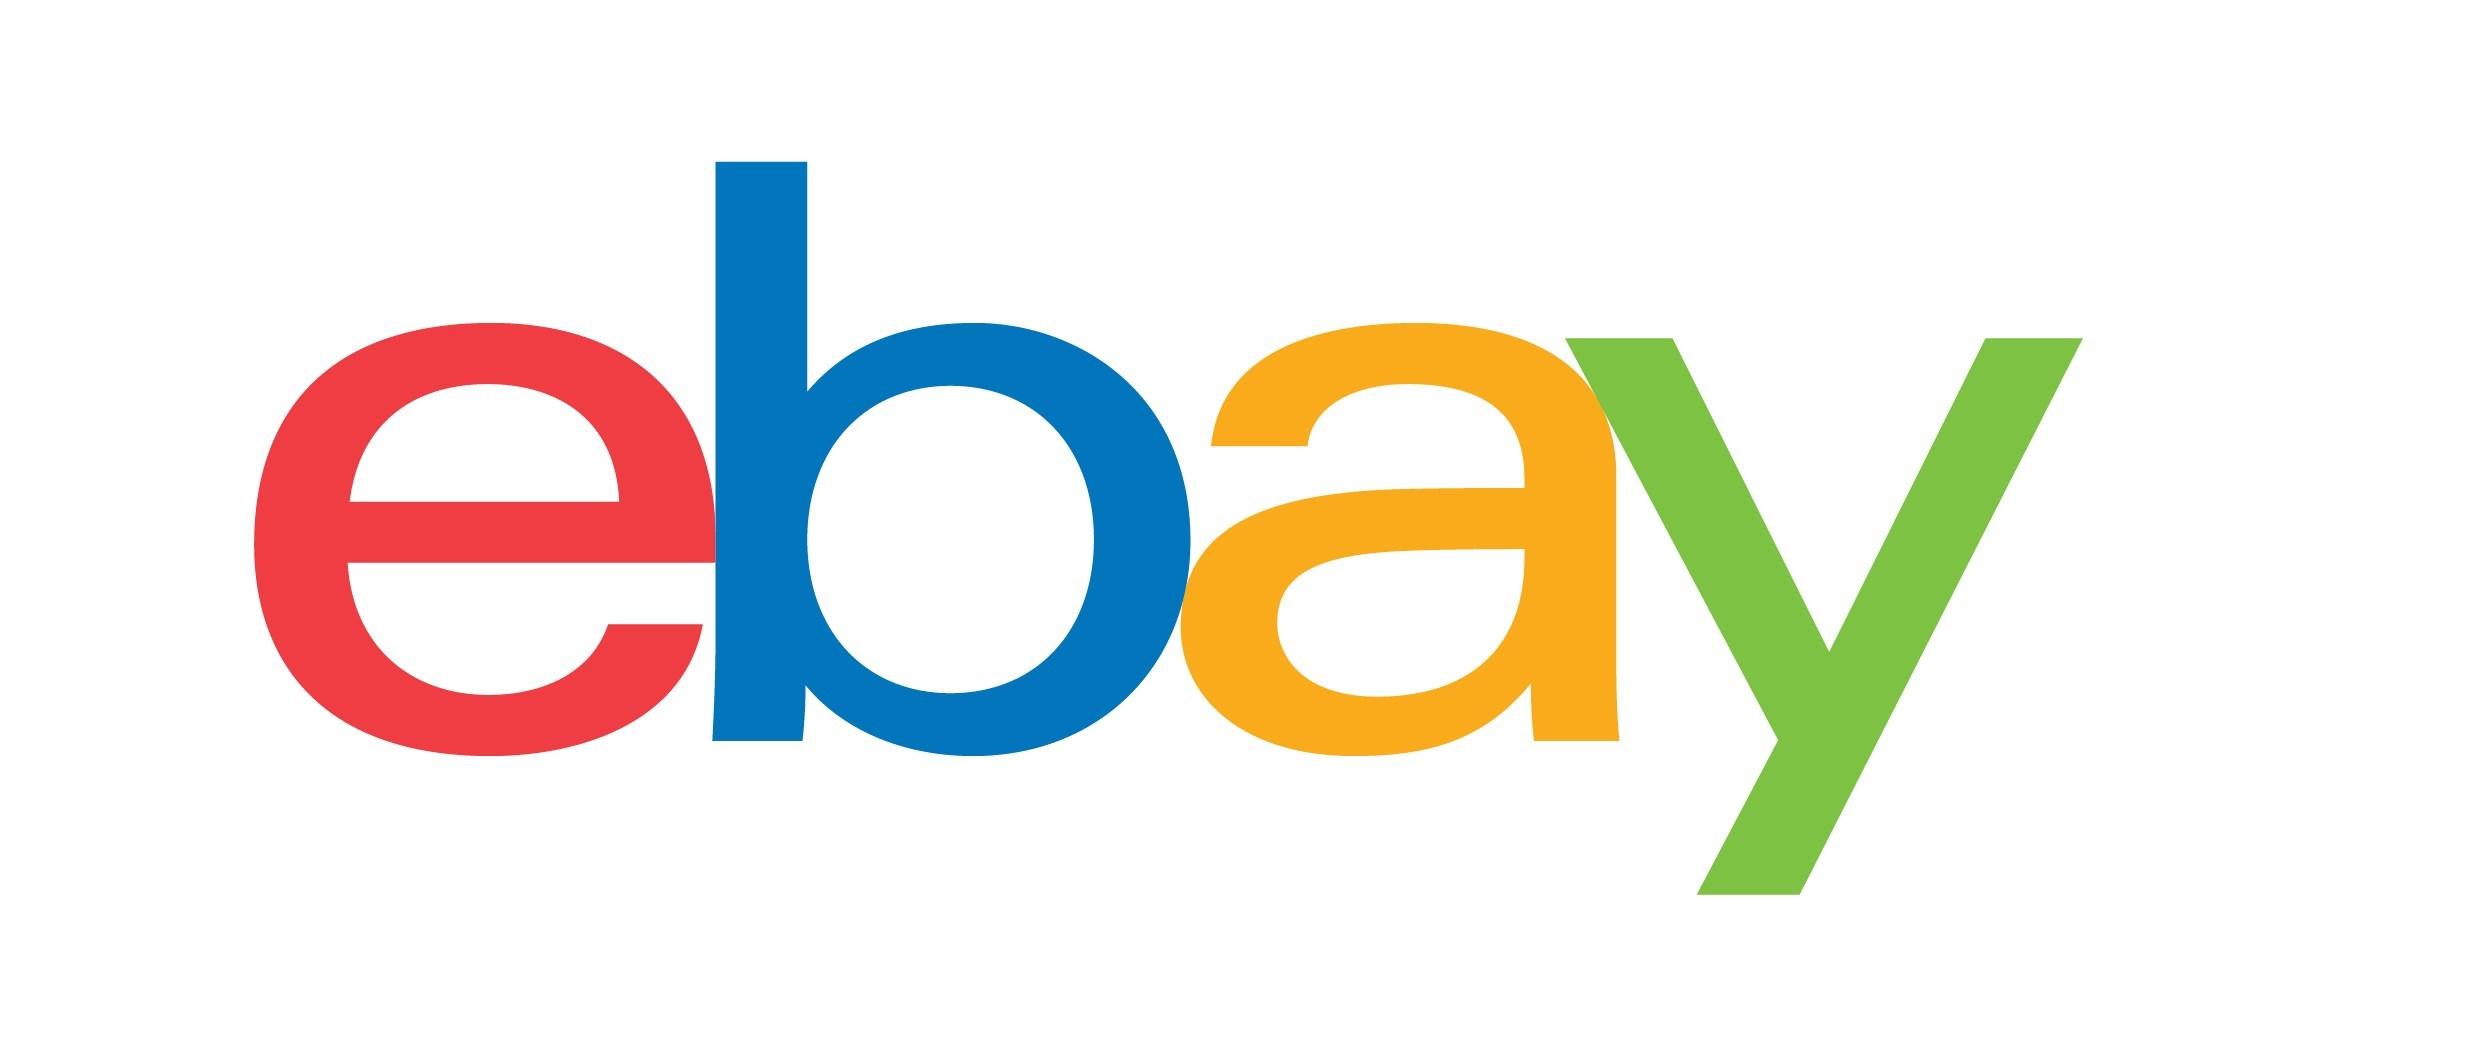 eBay Logo jpg?p=facebook.'